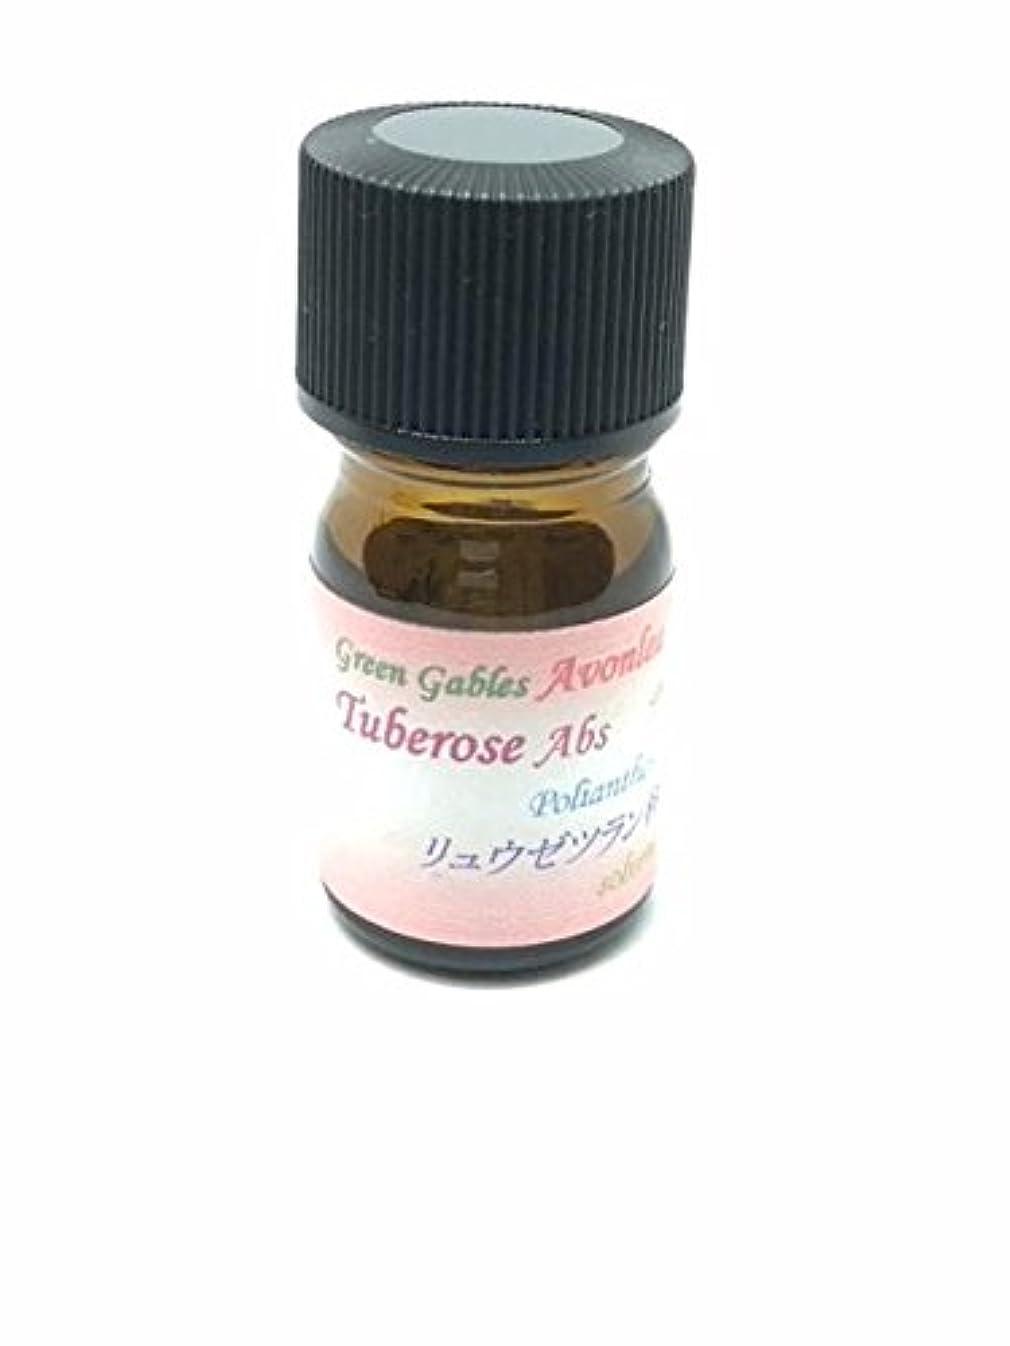 モンゴメリーマングル夜間月下香精油 ピュアエッセンシャルオイル チュベローズアブソリュード Tuberose (100ml)